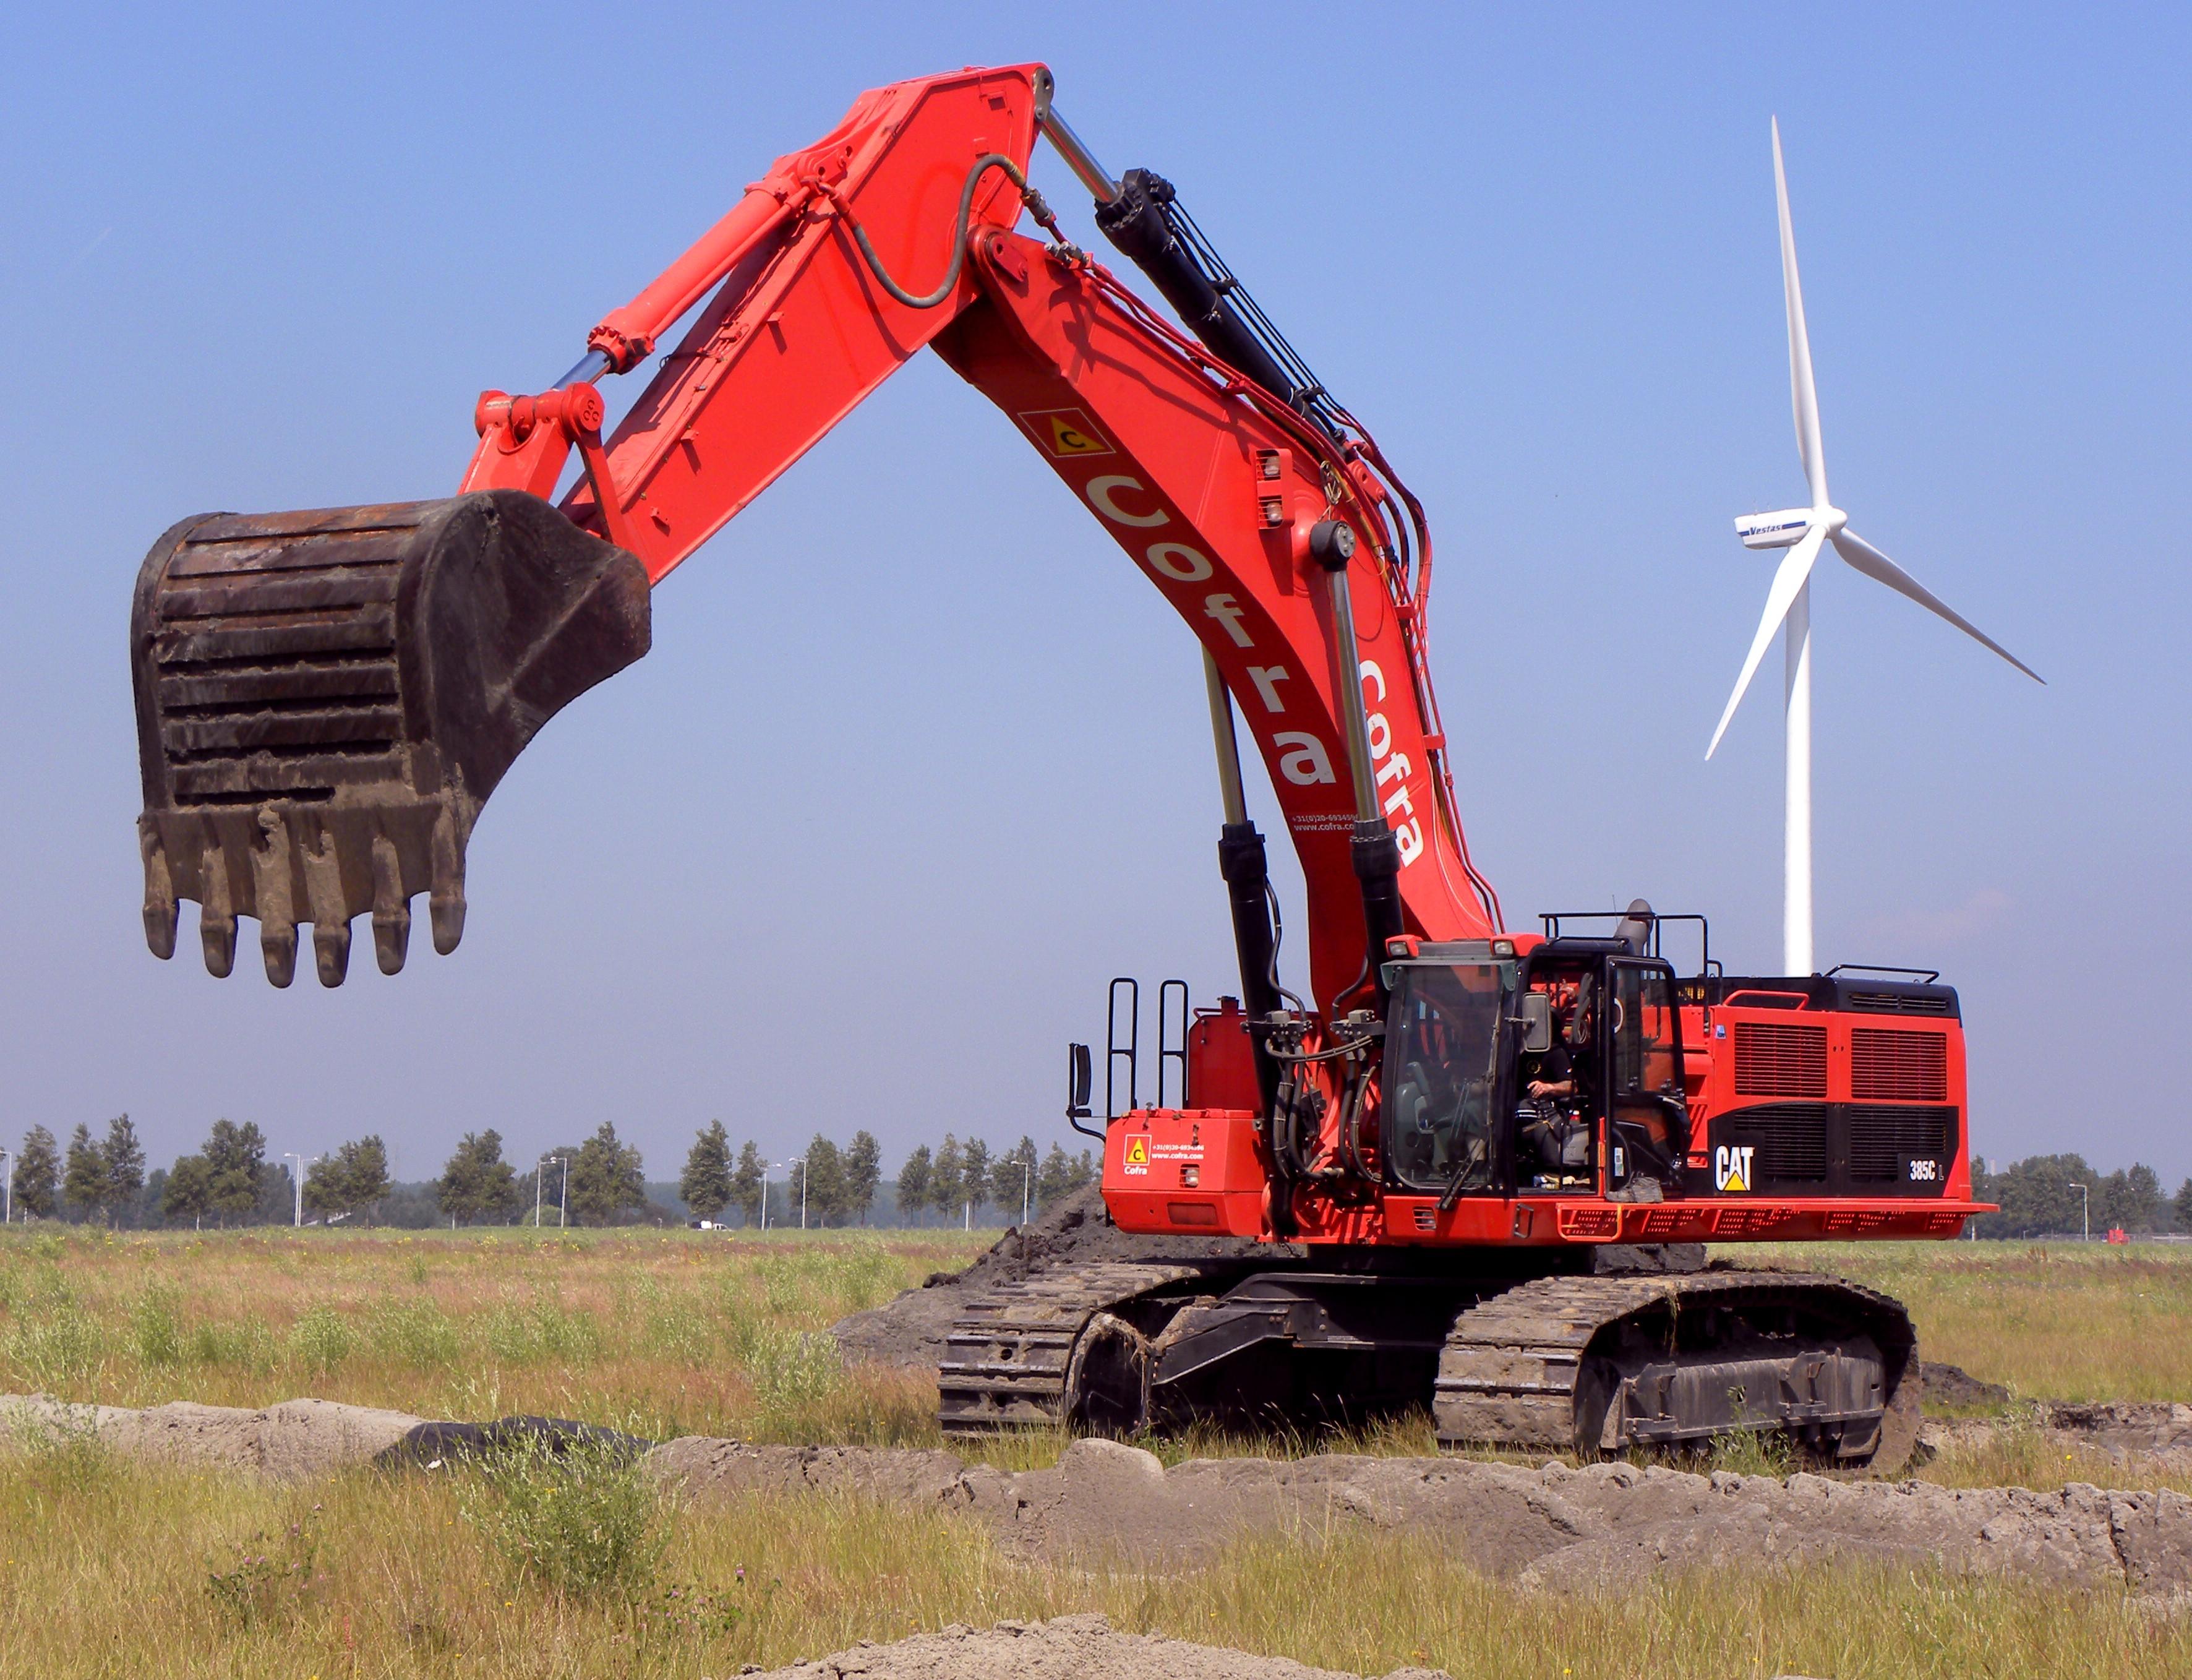 Cat 385 Excavator